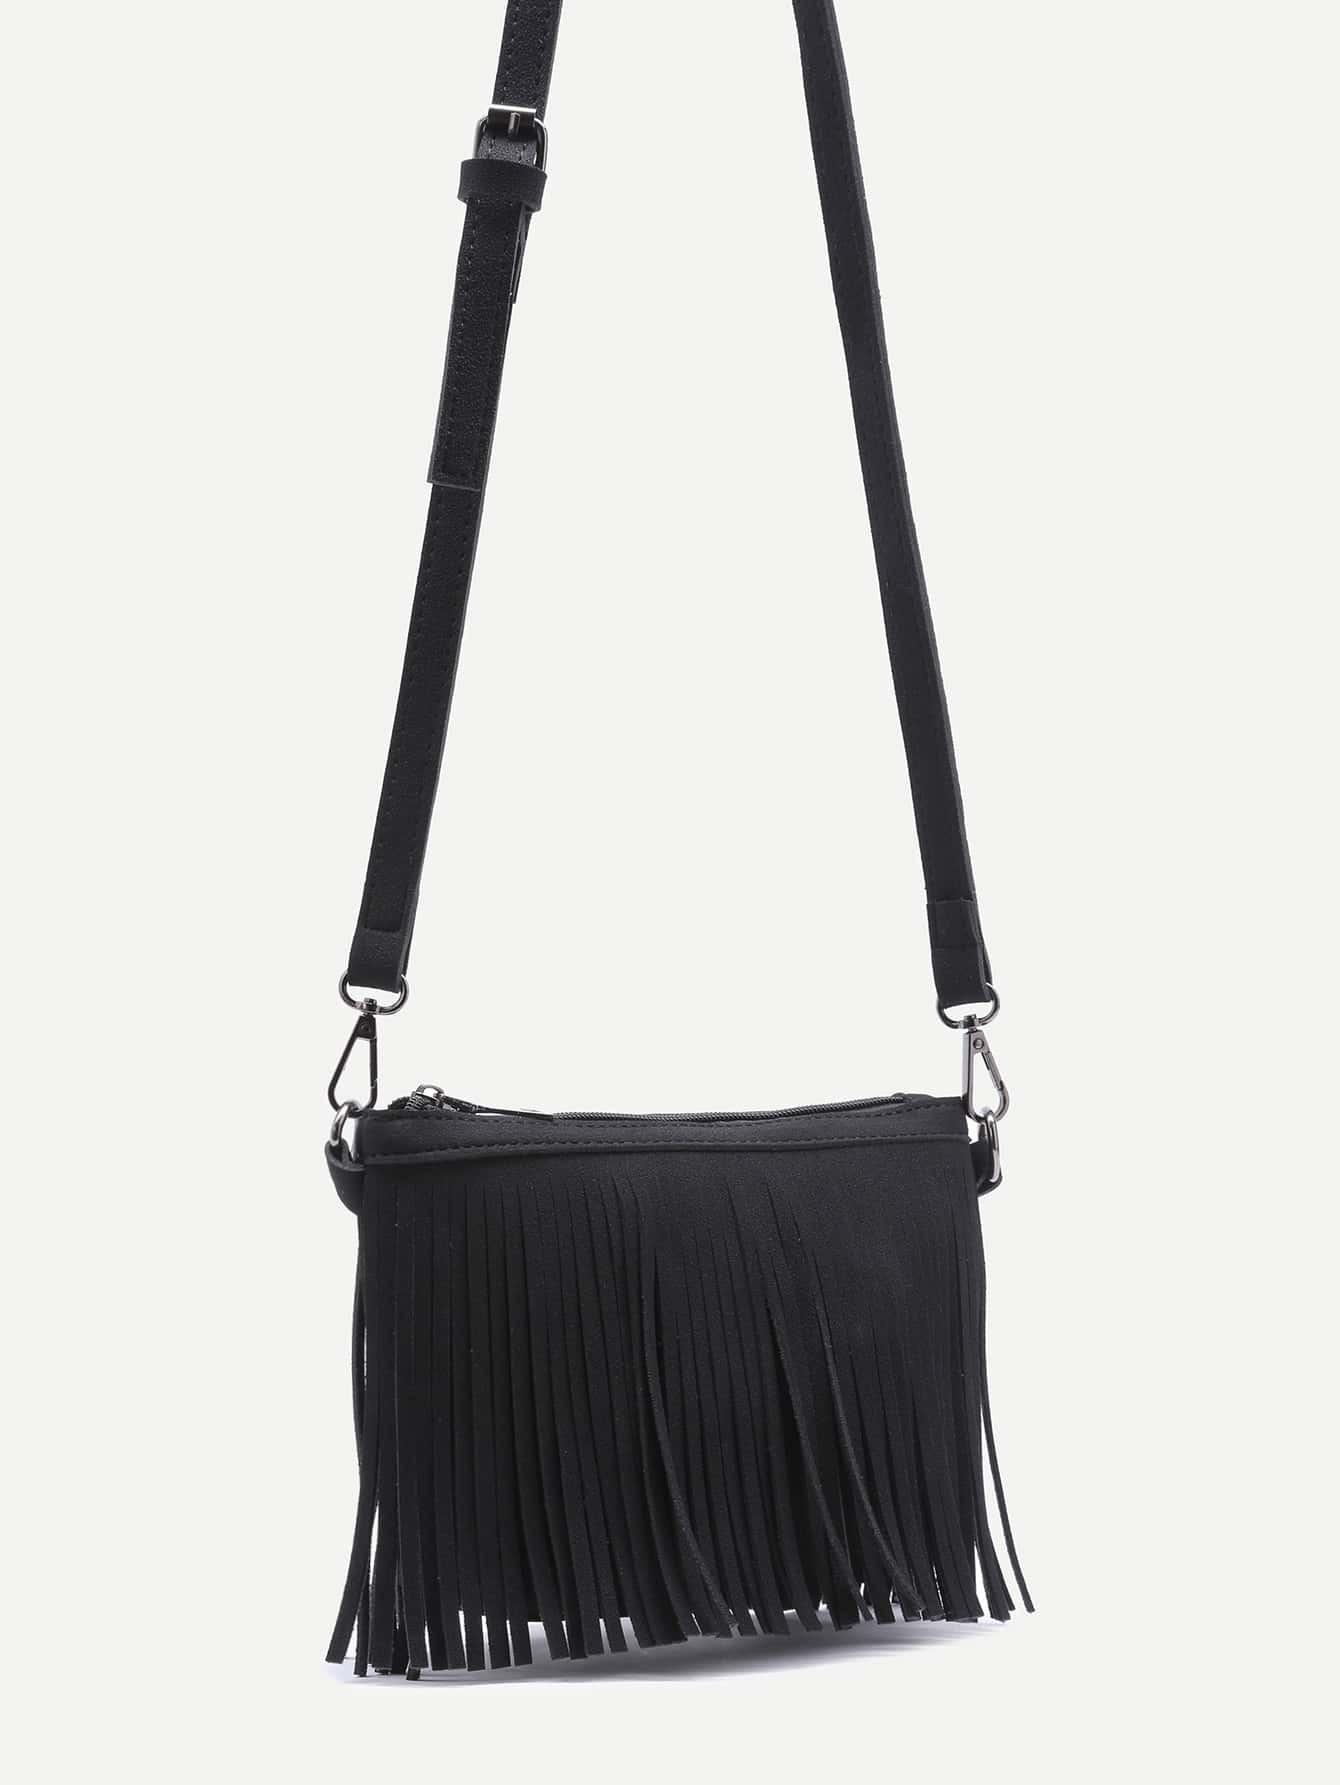 sac en bandouliere cuir nubuck avec zip noir french romwe With tapis yoga avec canapé cuir nubuck